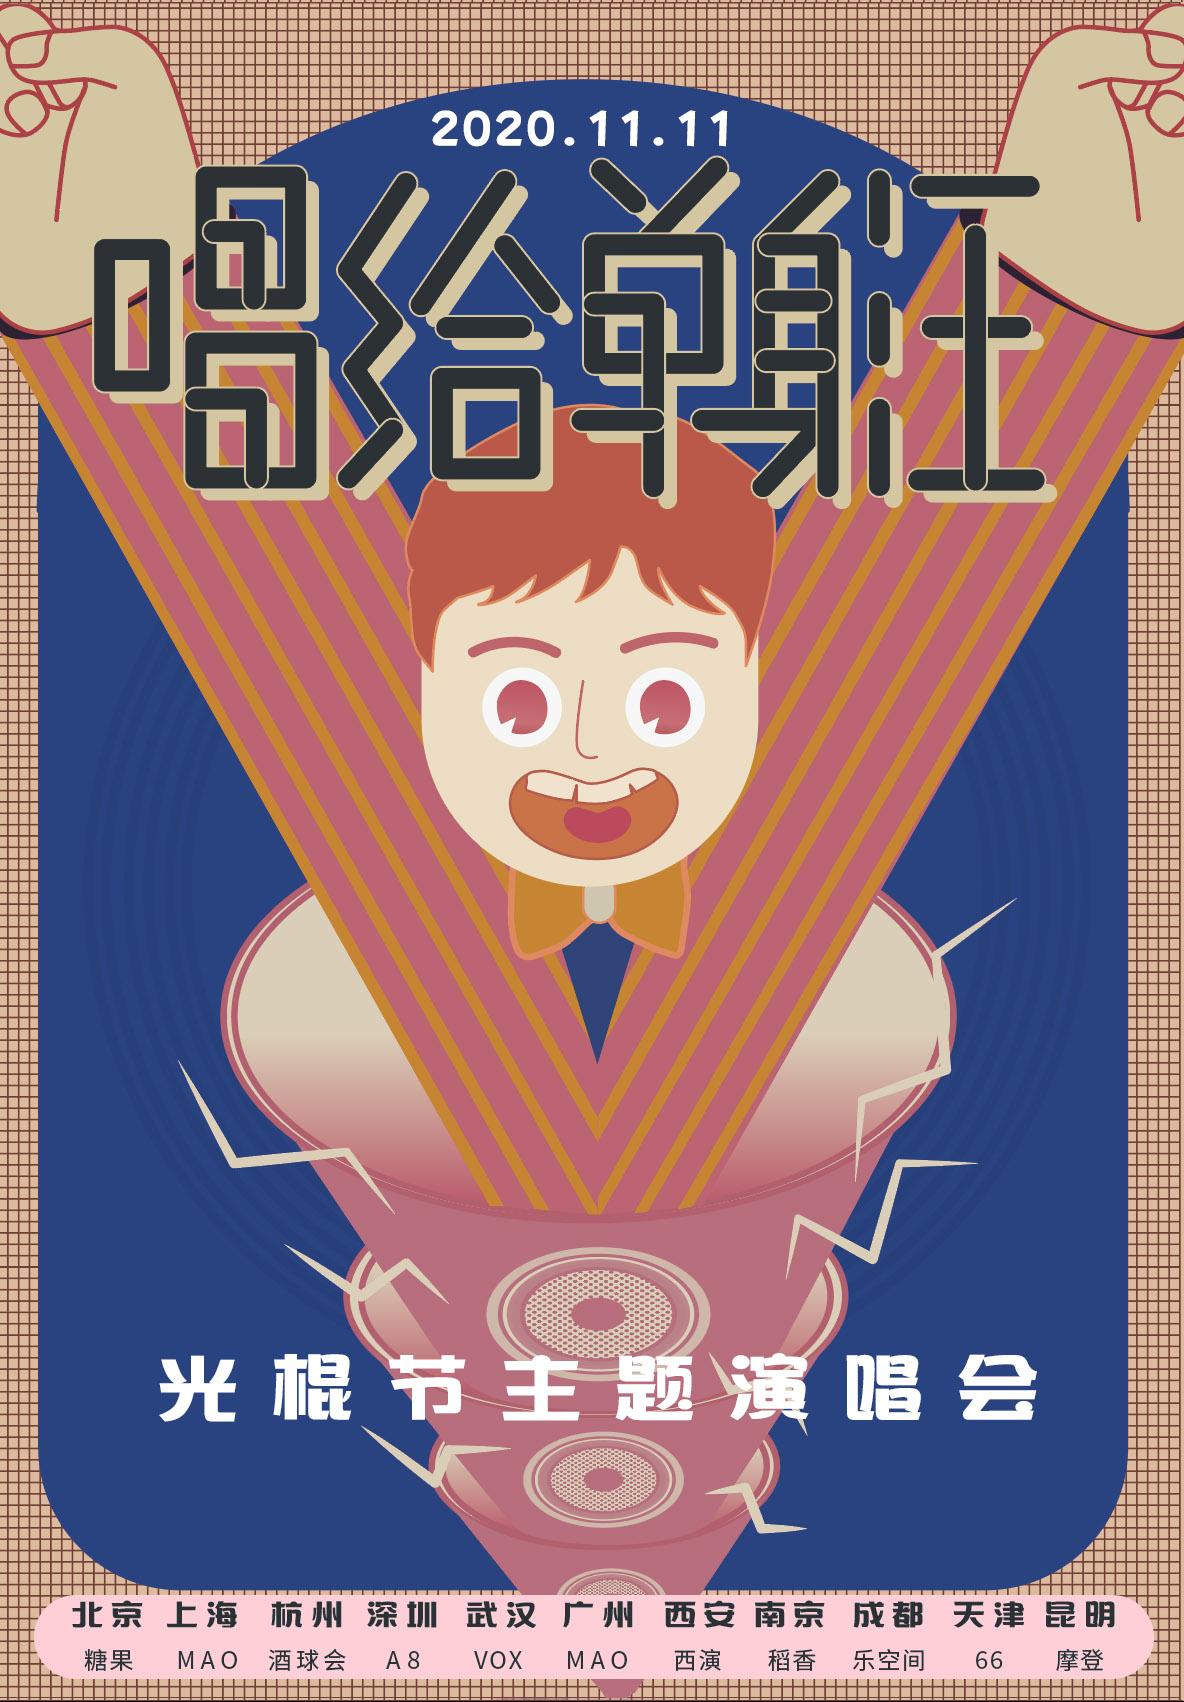 """【昆明】2020.11.11光棍节""""唱给单身汪""""主题演唱会"""